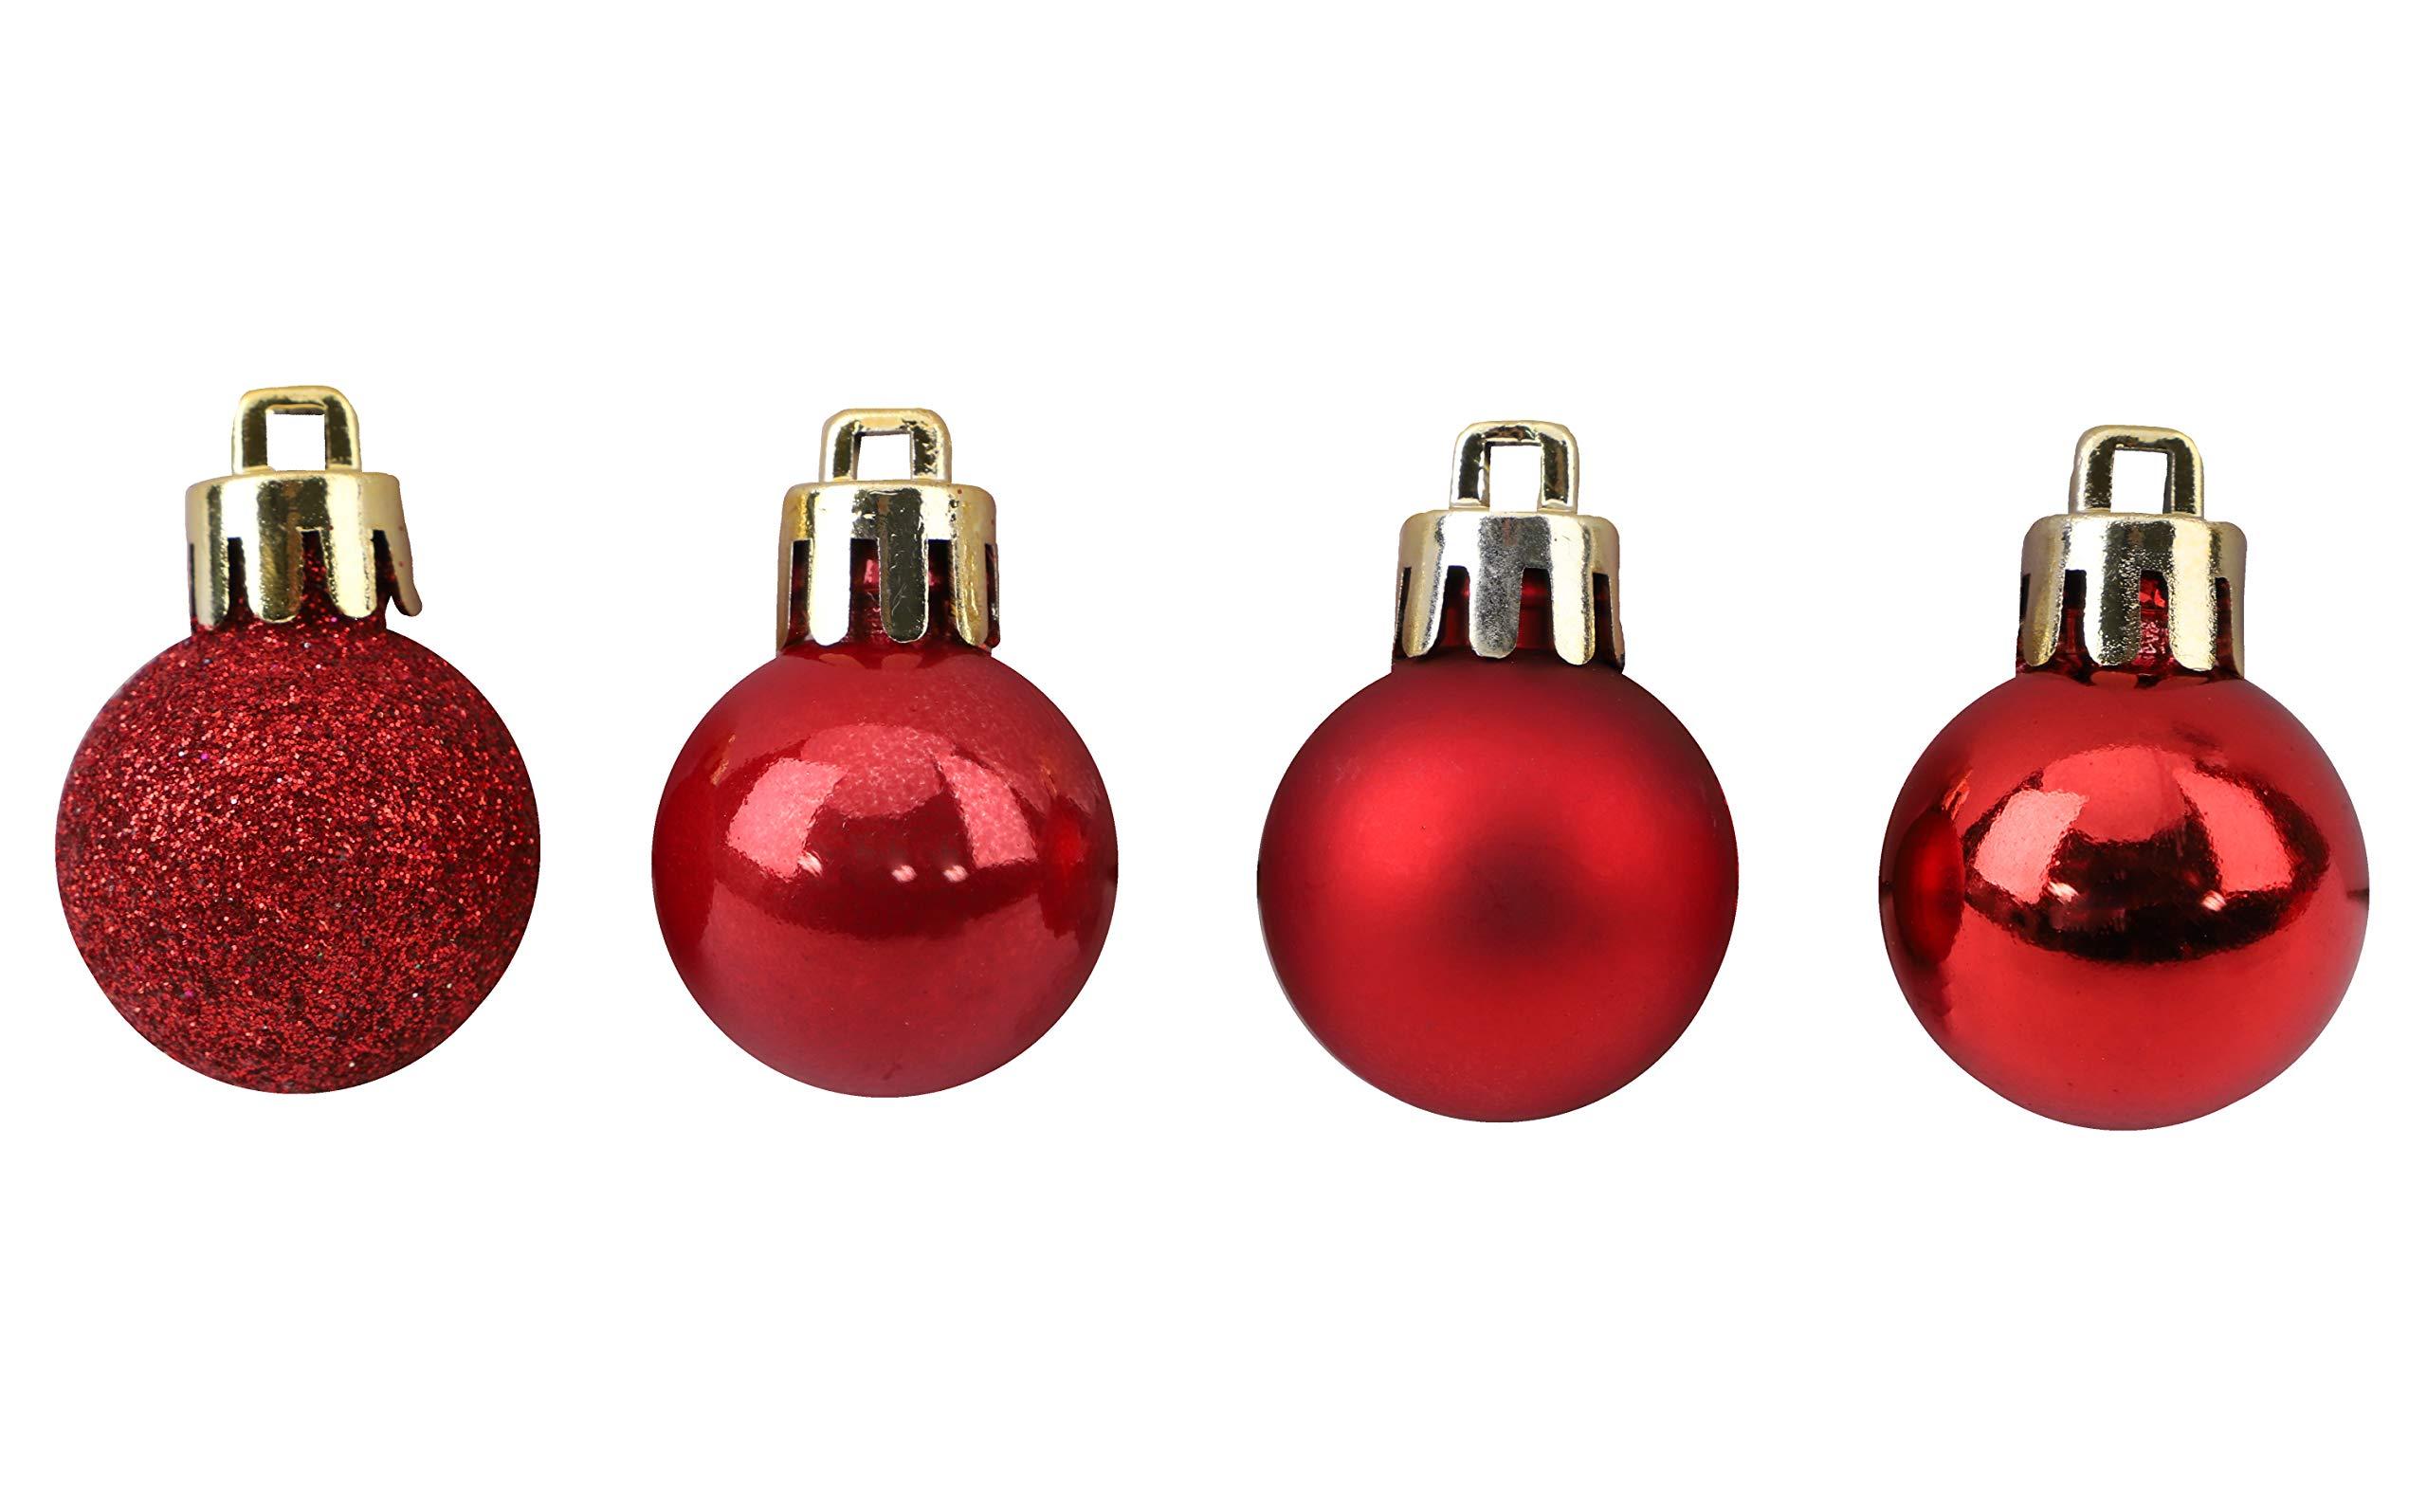 Toyland-Set-mit-96-Mini-Weihnachtskugeln-32-rote-32-Silberne-und-32-goldene-Kugeln-25-cm-25-mm